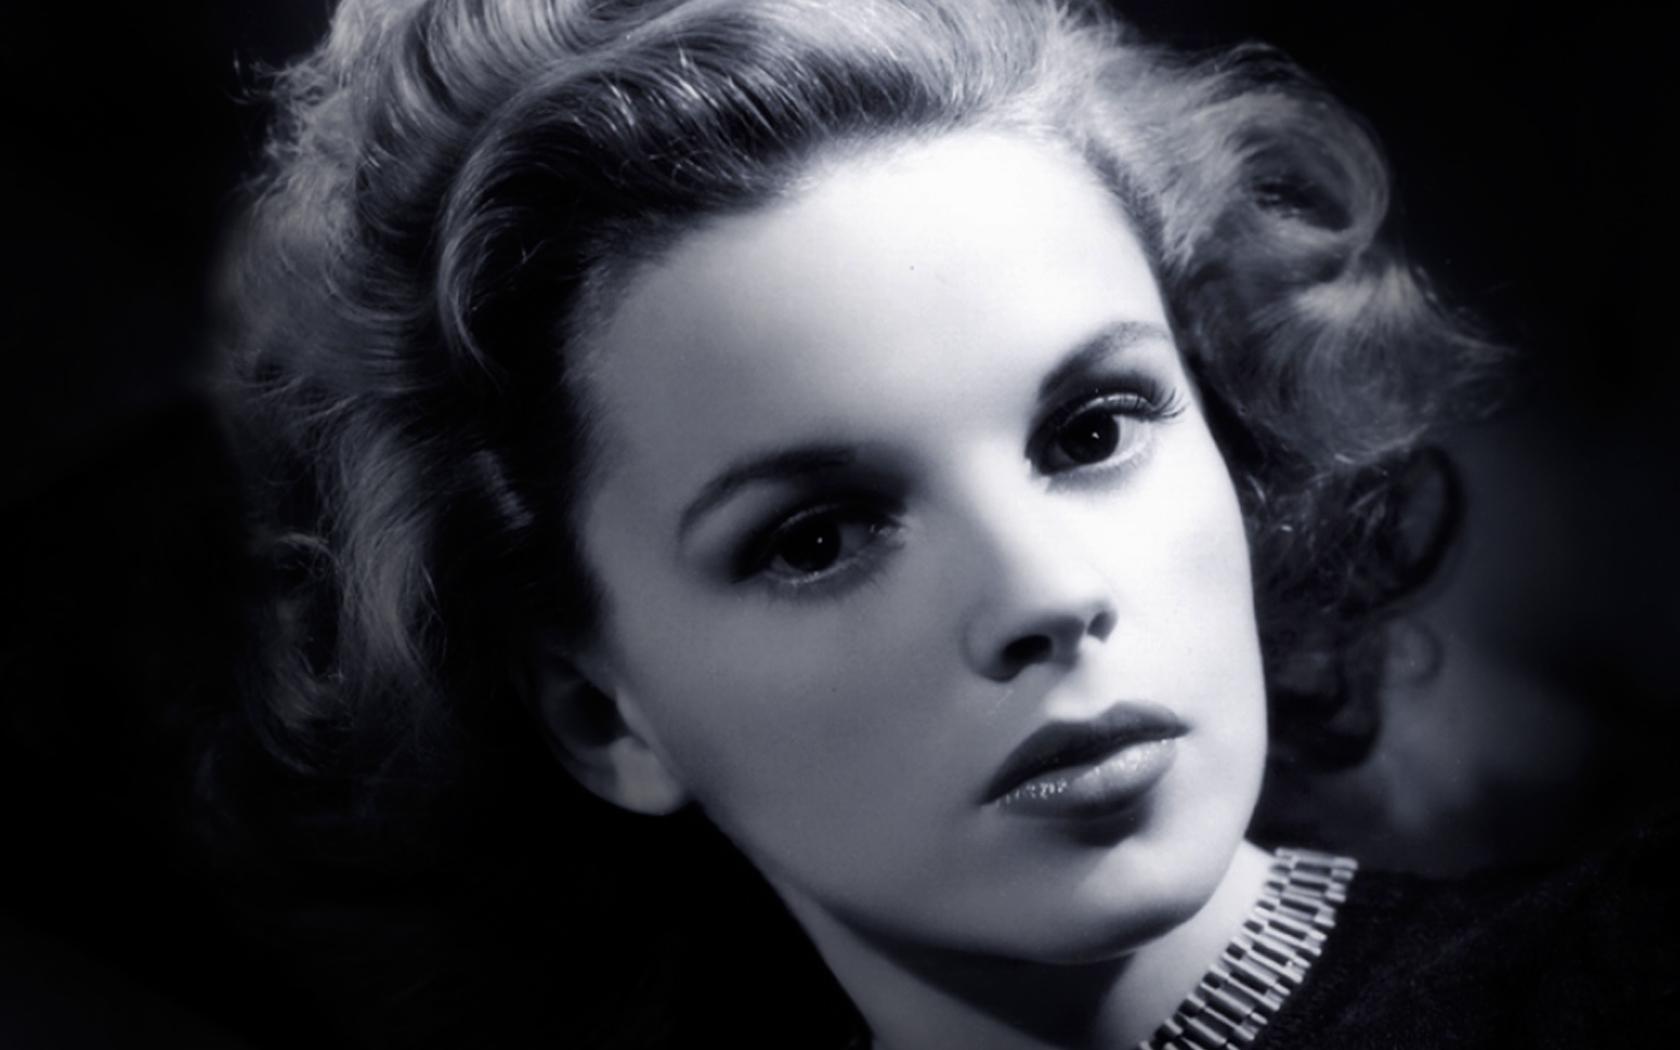 Judy Garland wallpaper 1680x1050 63297 1680x1050